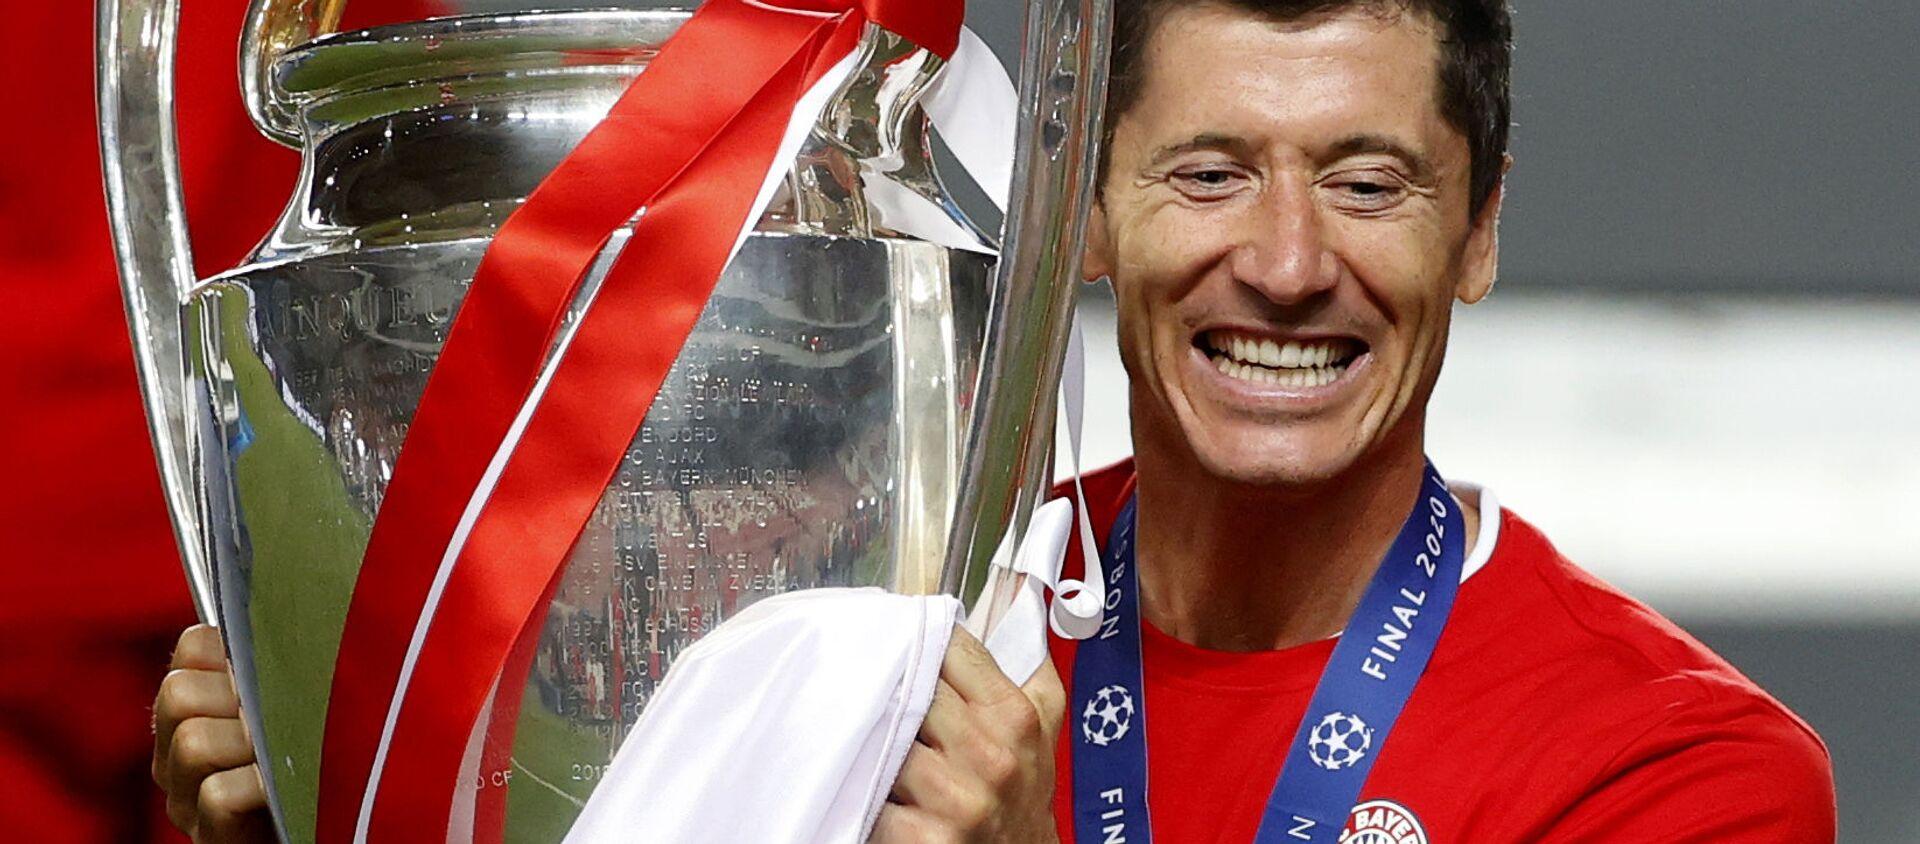 Robert Lewandowski świętuje zwycięstwo Bayern Monachium w Lidze Mistrzów (23.08.2020) - Sputnik Polska, 1920, 24.03.2021